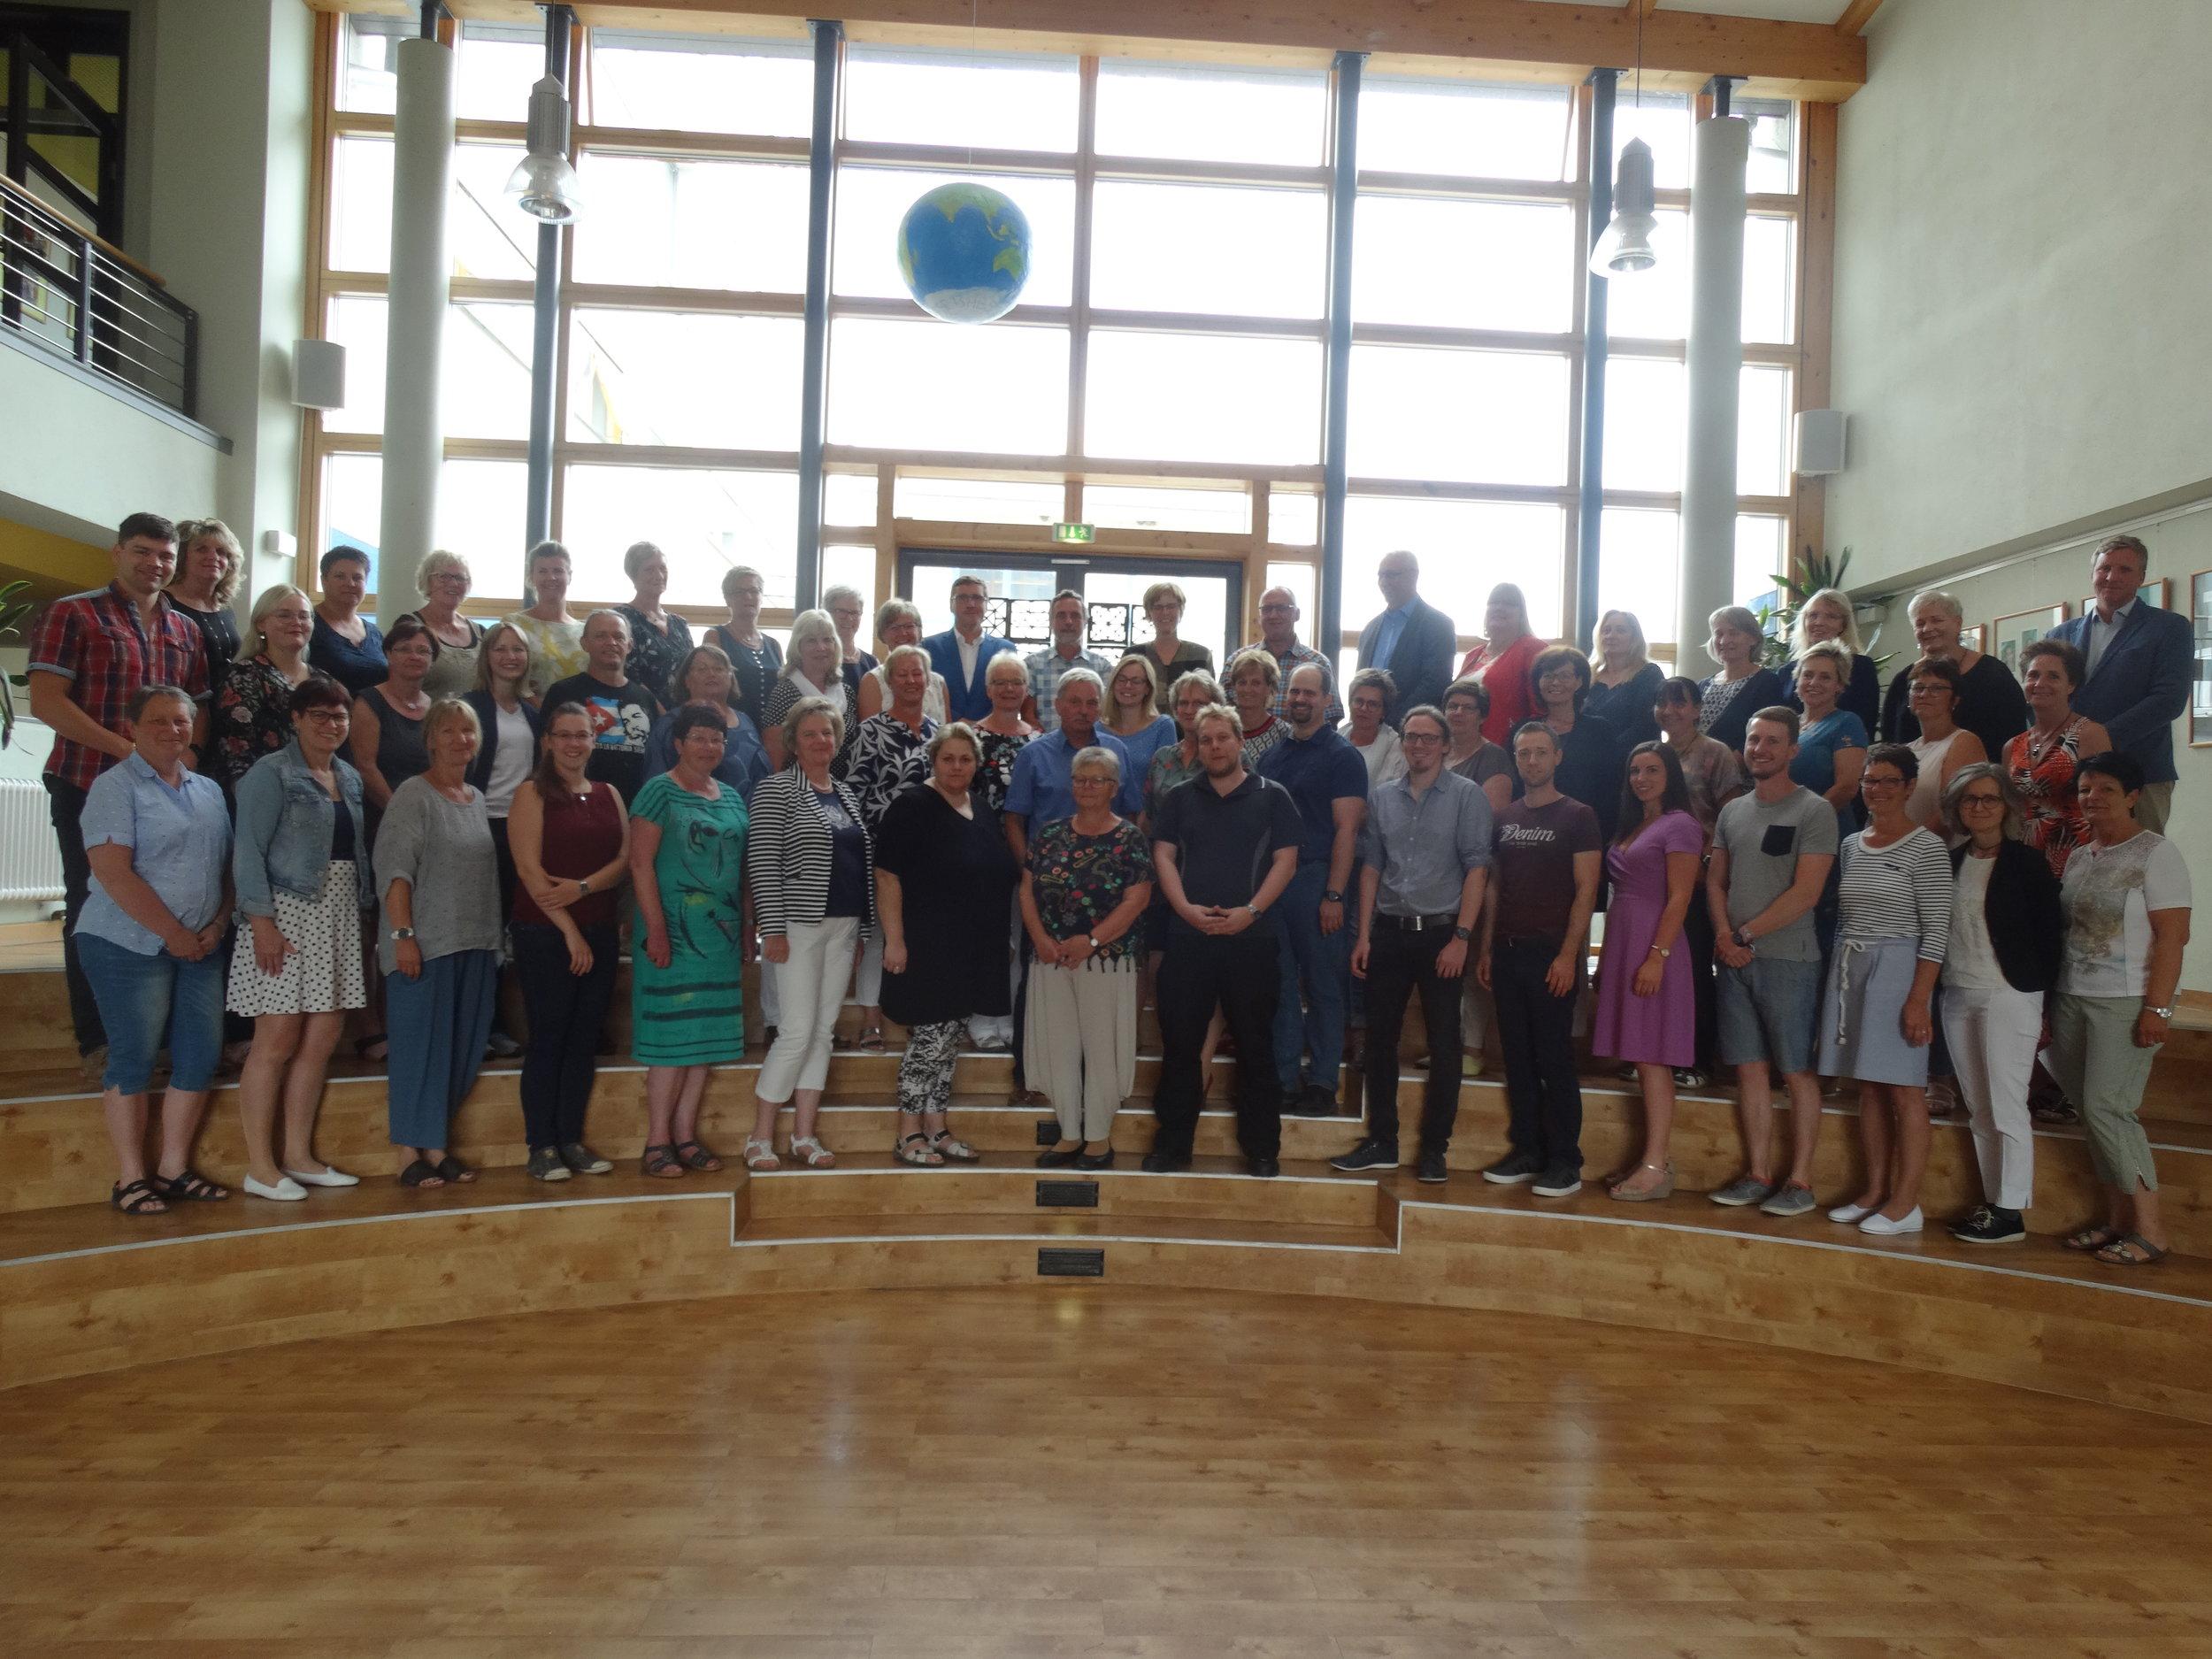 Unsere Lehrer - An unserer Schule unterrichten insgesamt 45 Lehrerinnen und Lehrer sowie drei Referendarinnen.